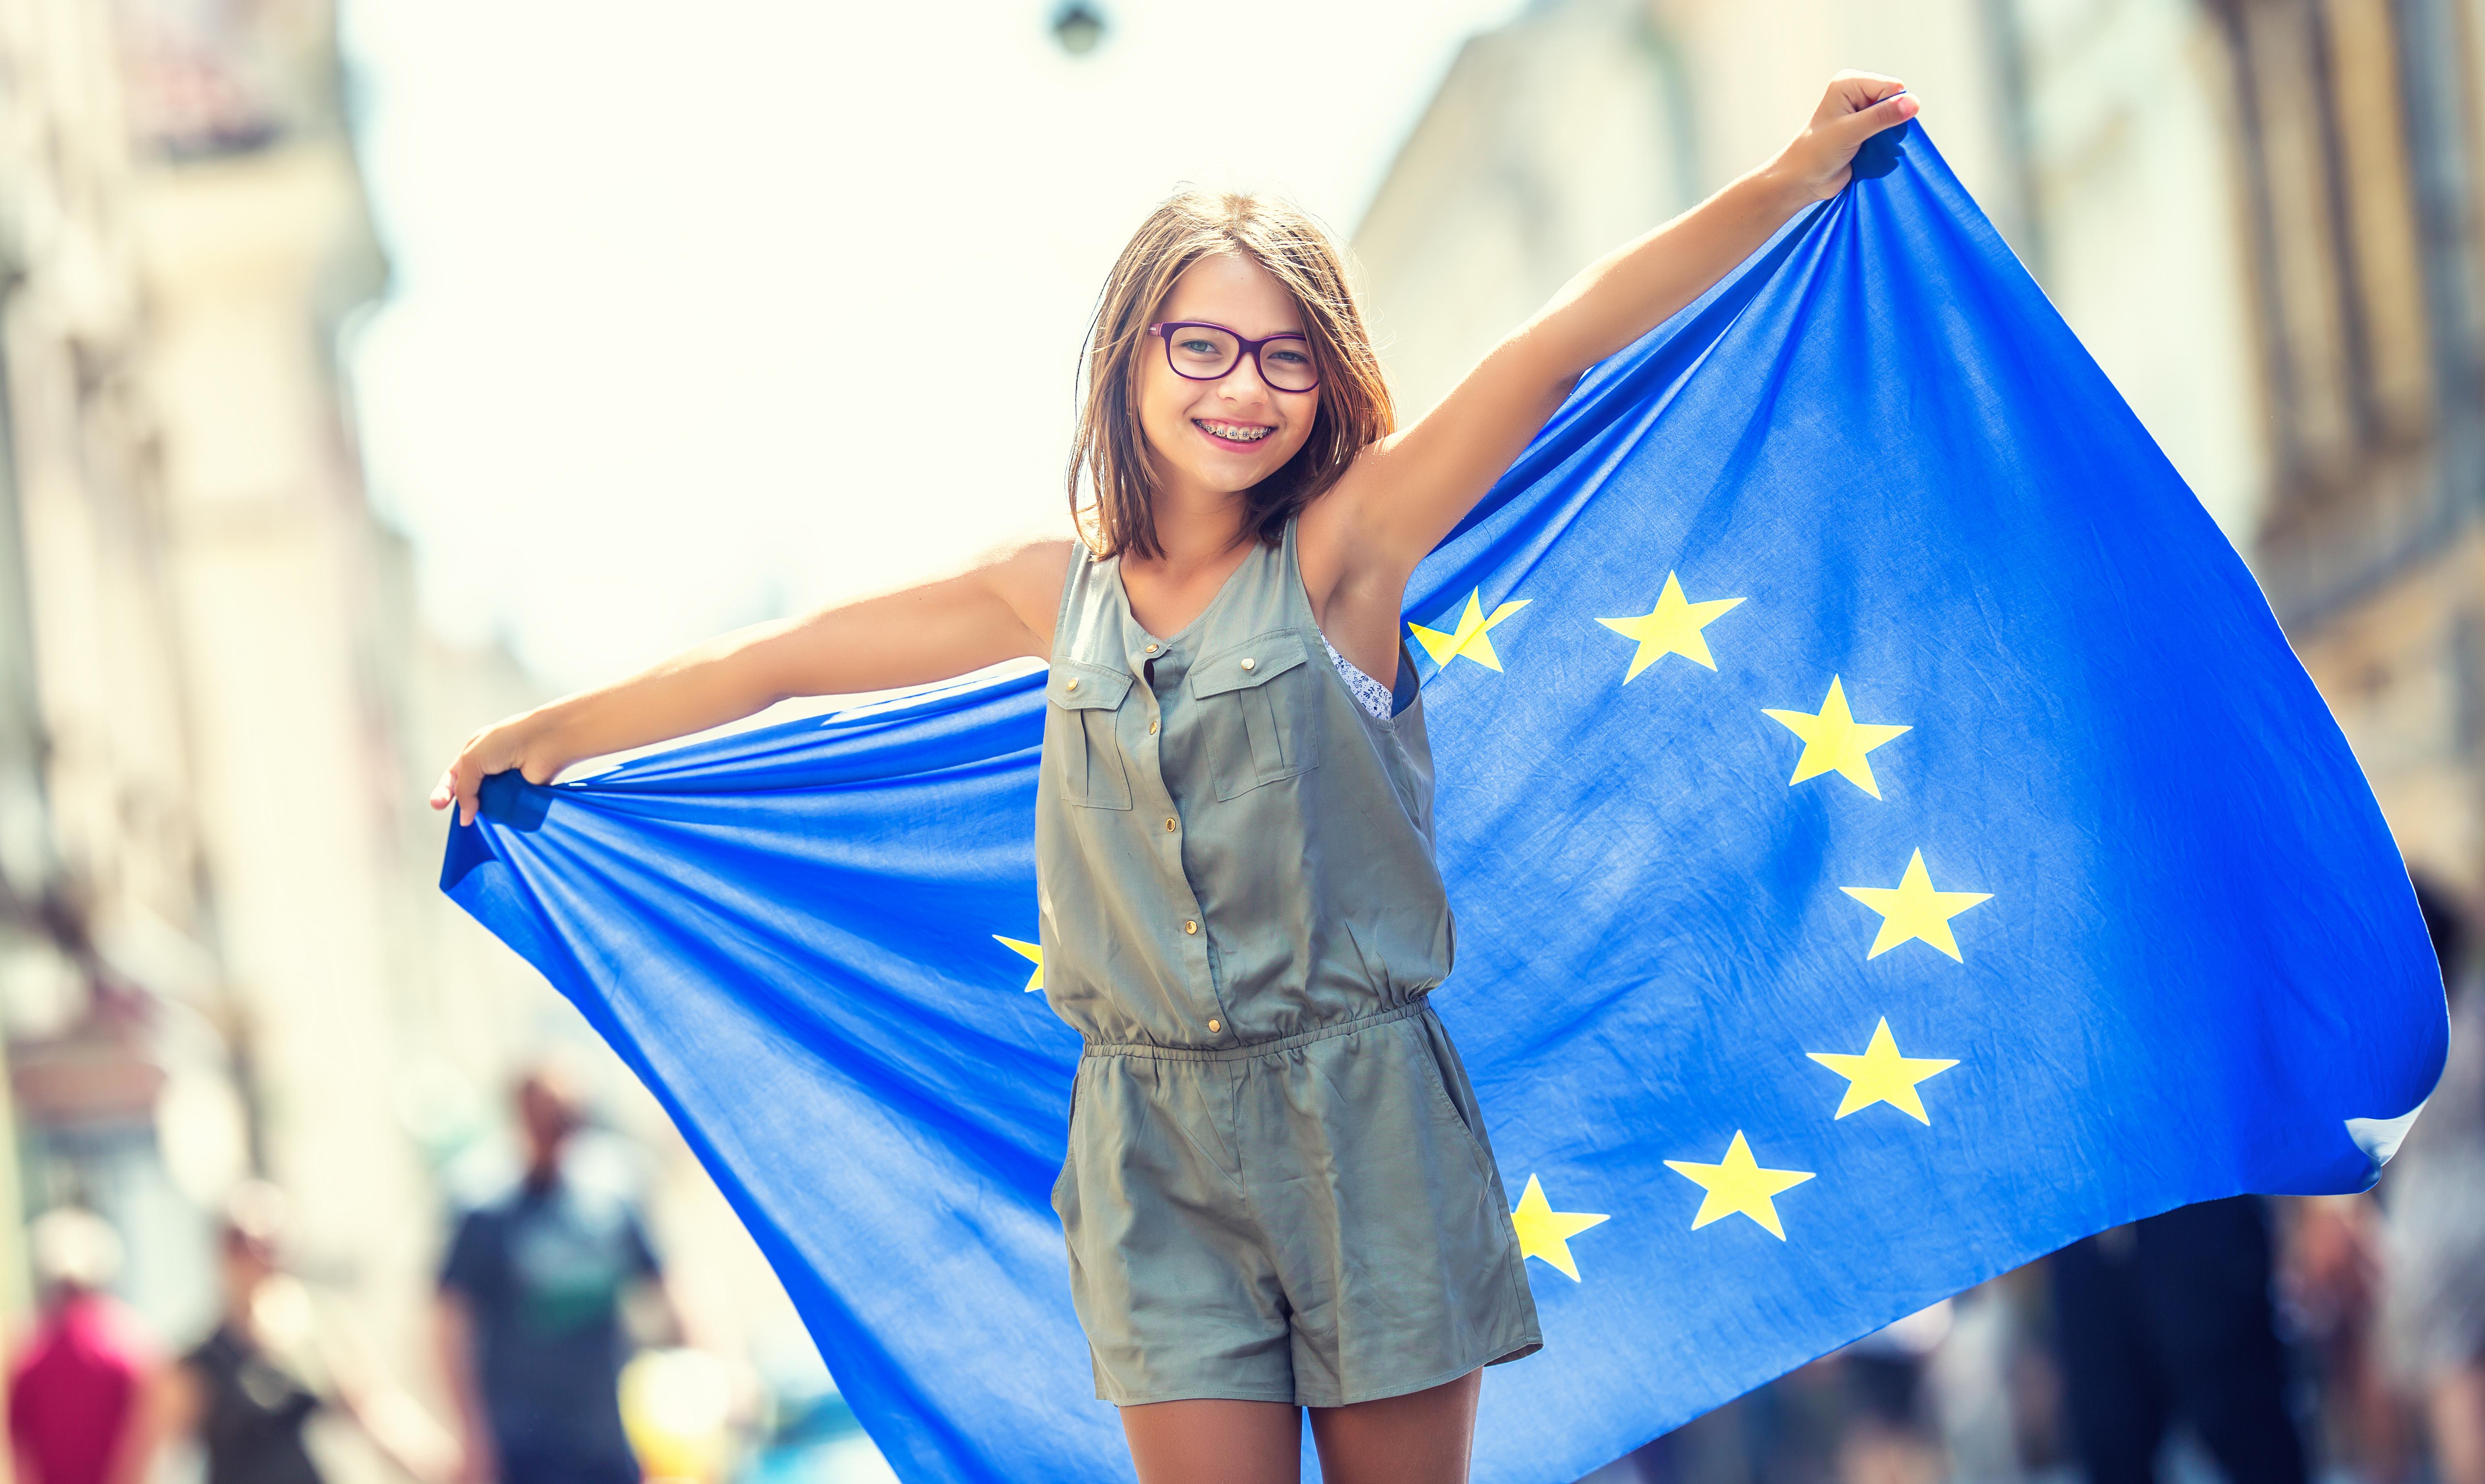 Девушка с флагом ЕС, паспорт которого можно получить согласно отзывам